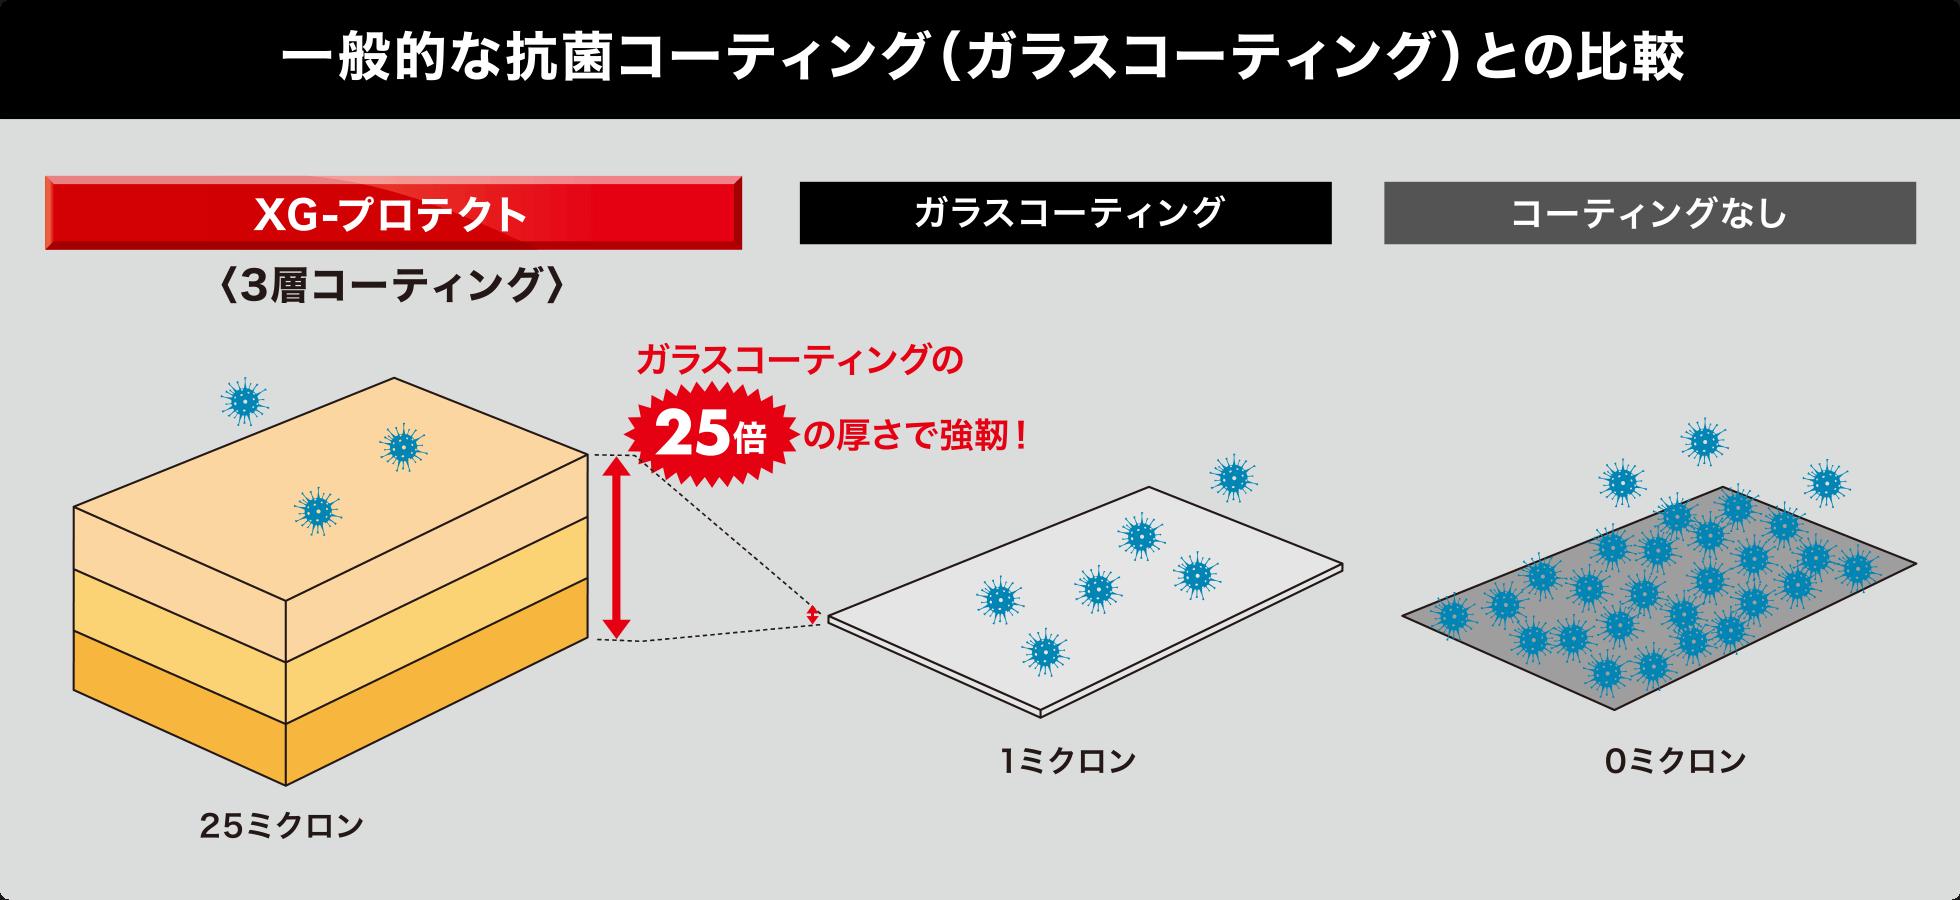 一般的な抗菌コーティング(ガラスコーティング)との比較